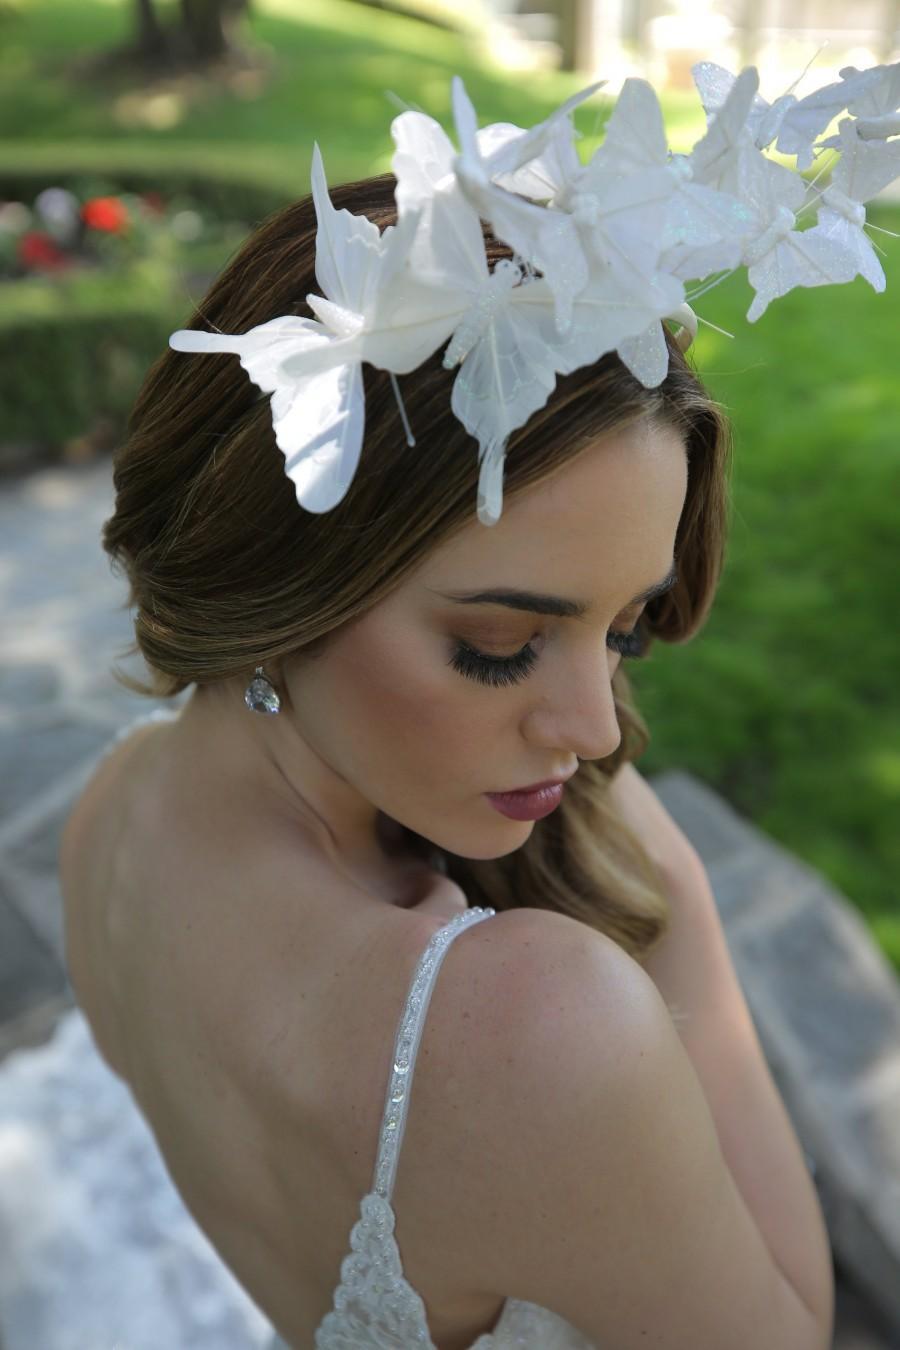 Hochzeit - bridal headpiece White Butterfly headpiece, white fascinator headband with butterflies, derby hat headpiece, white fascinator hat